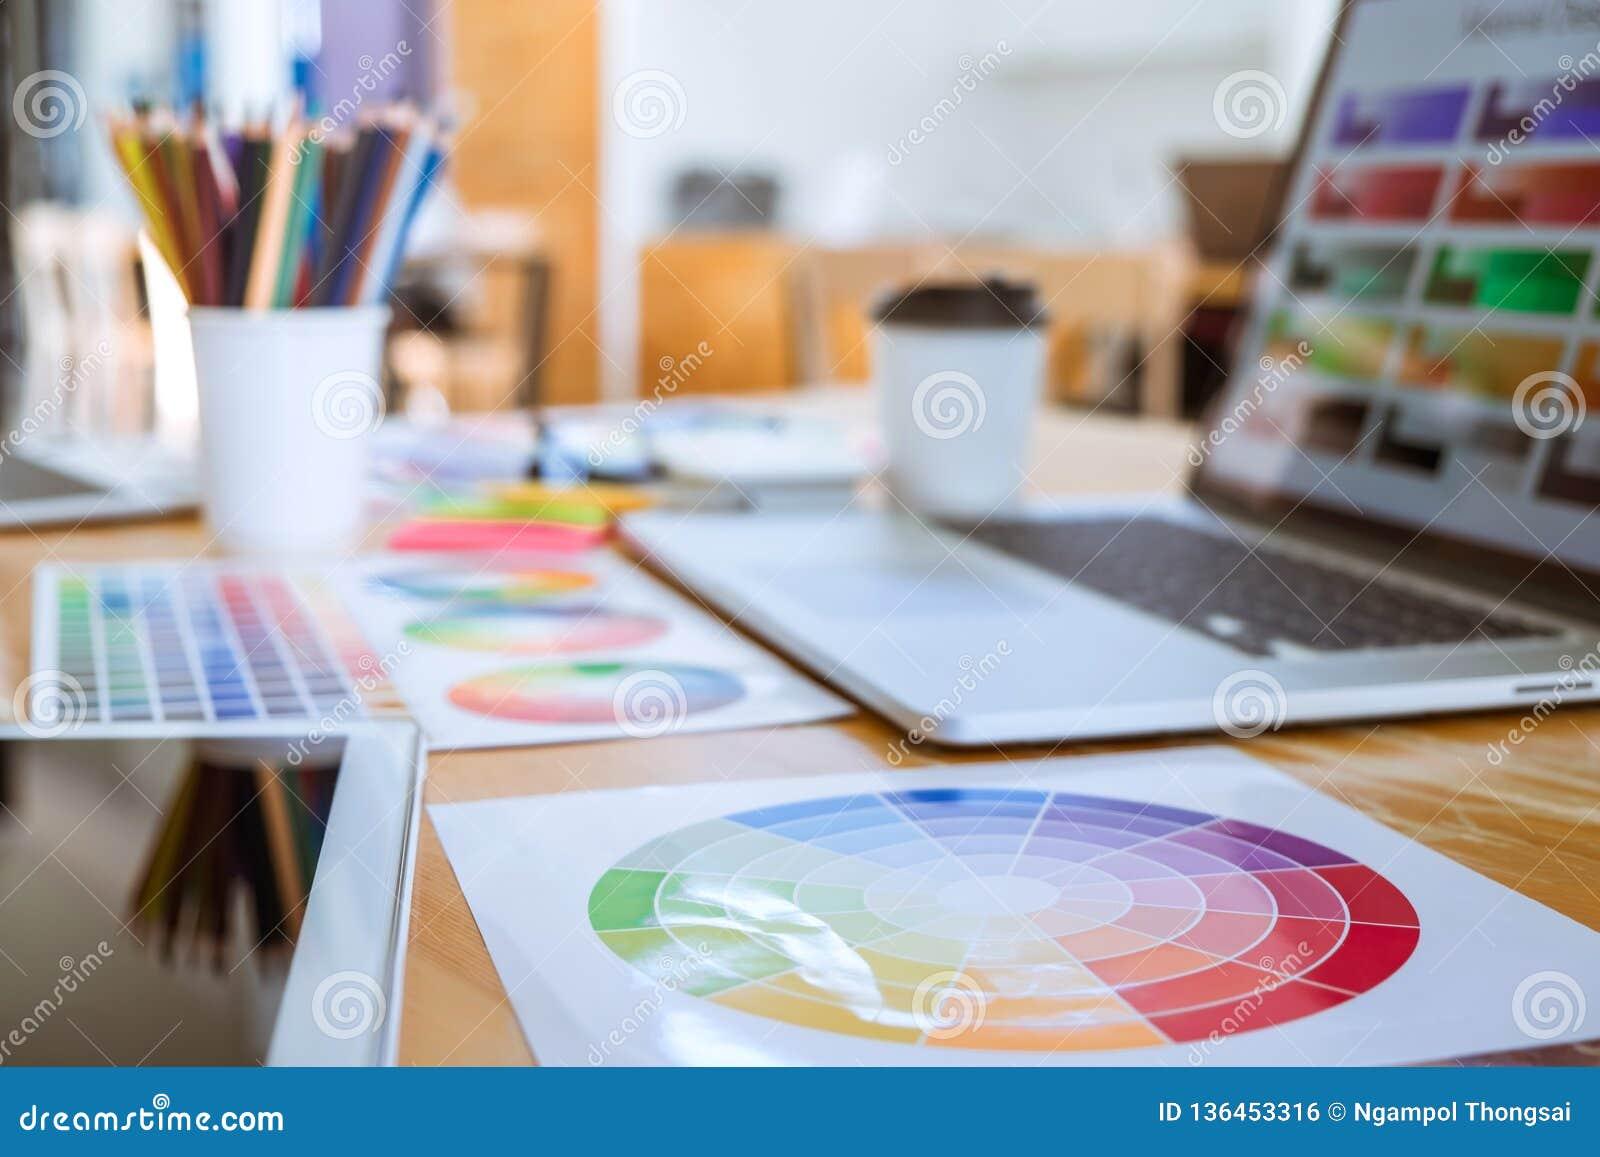 图表设计师对象工具和颜色在工作区的样片样品